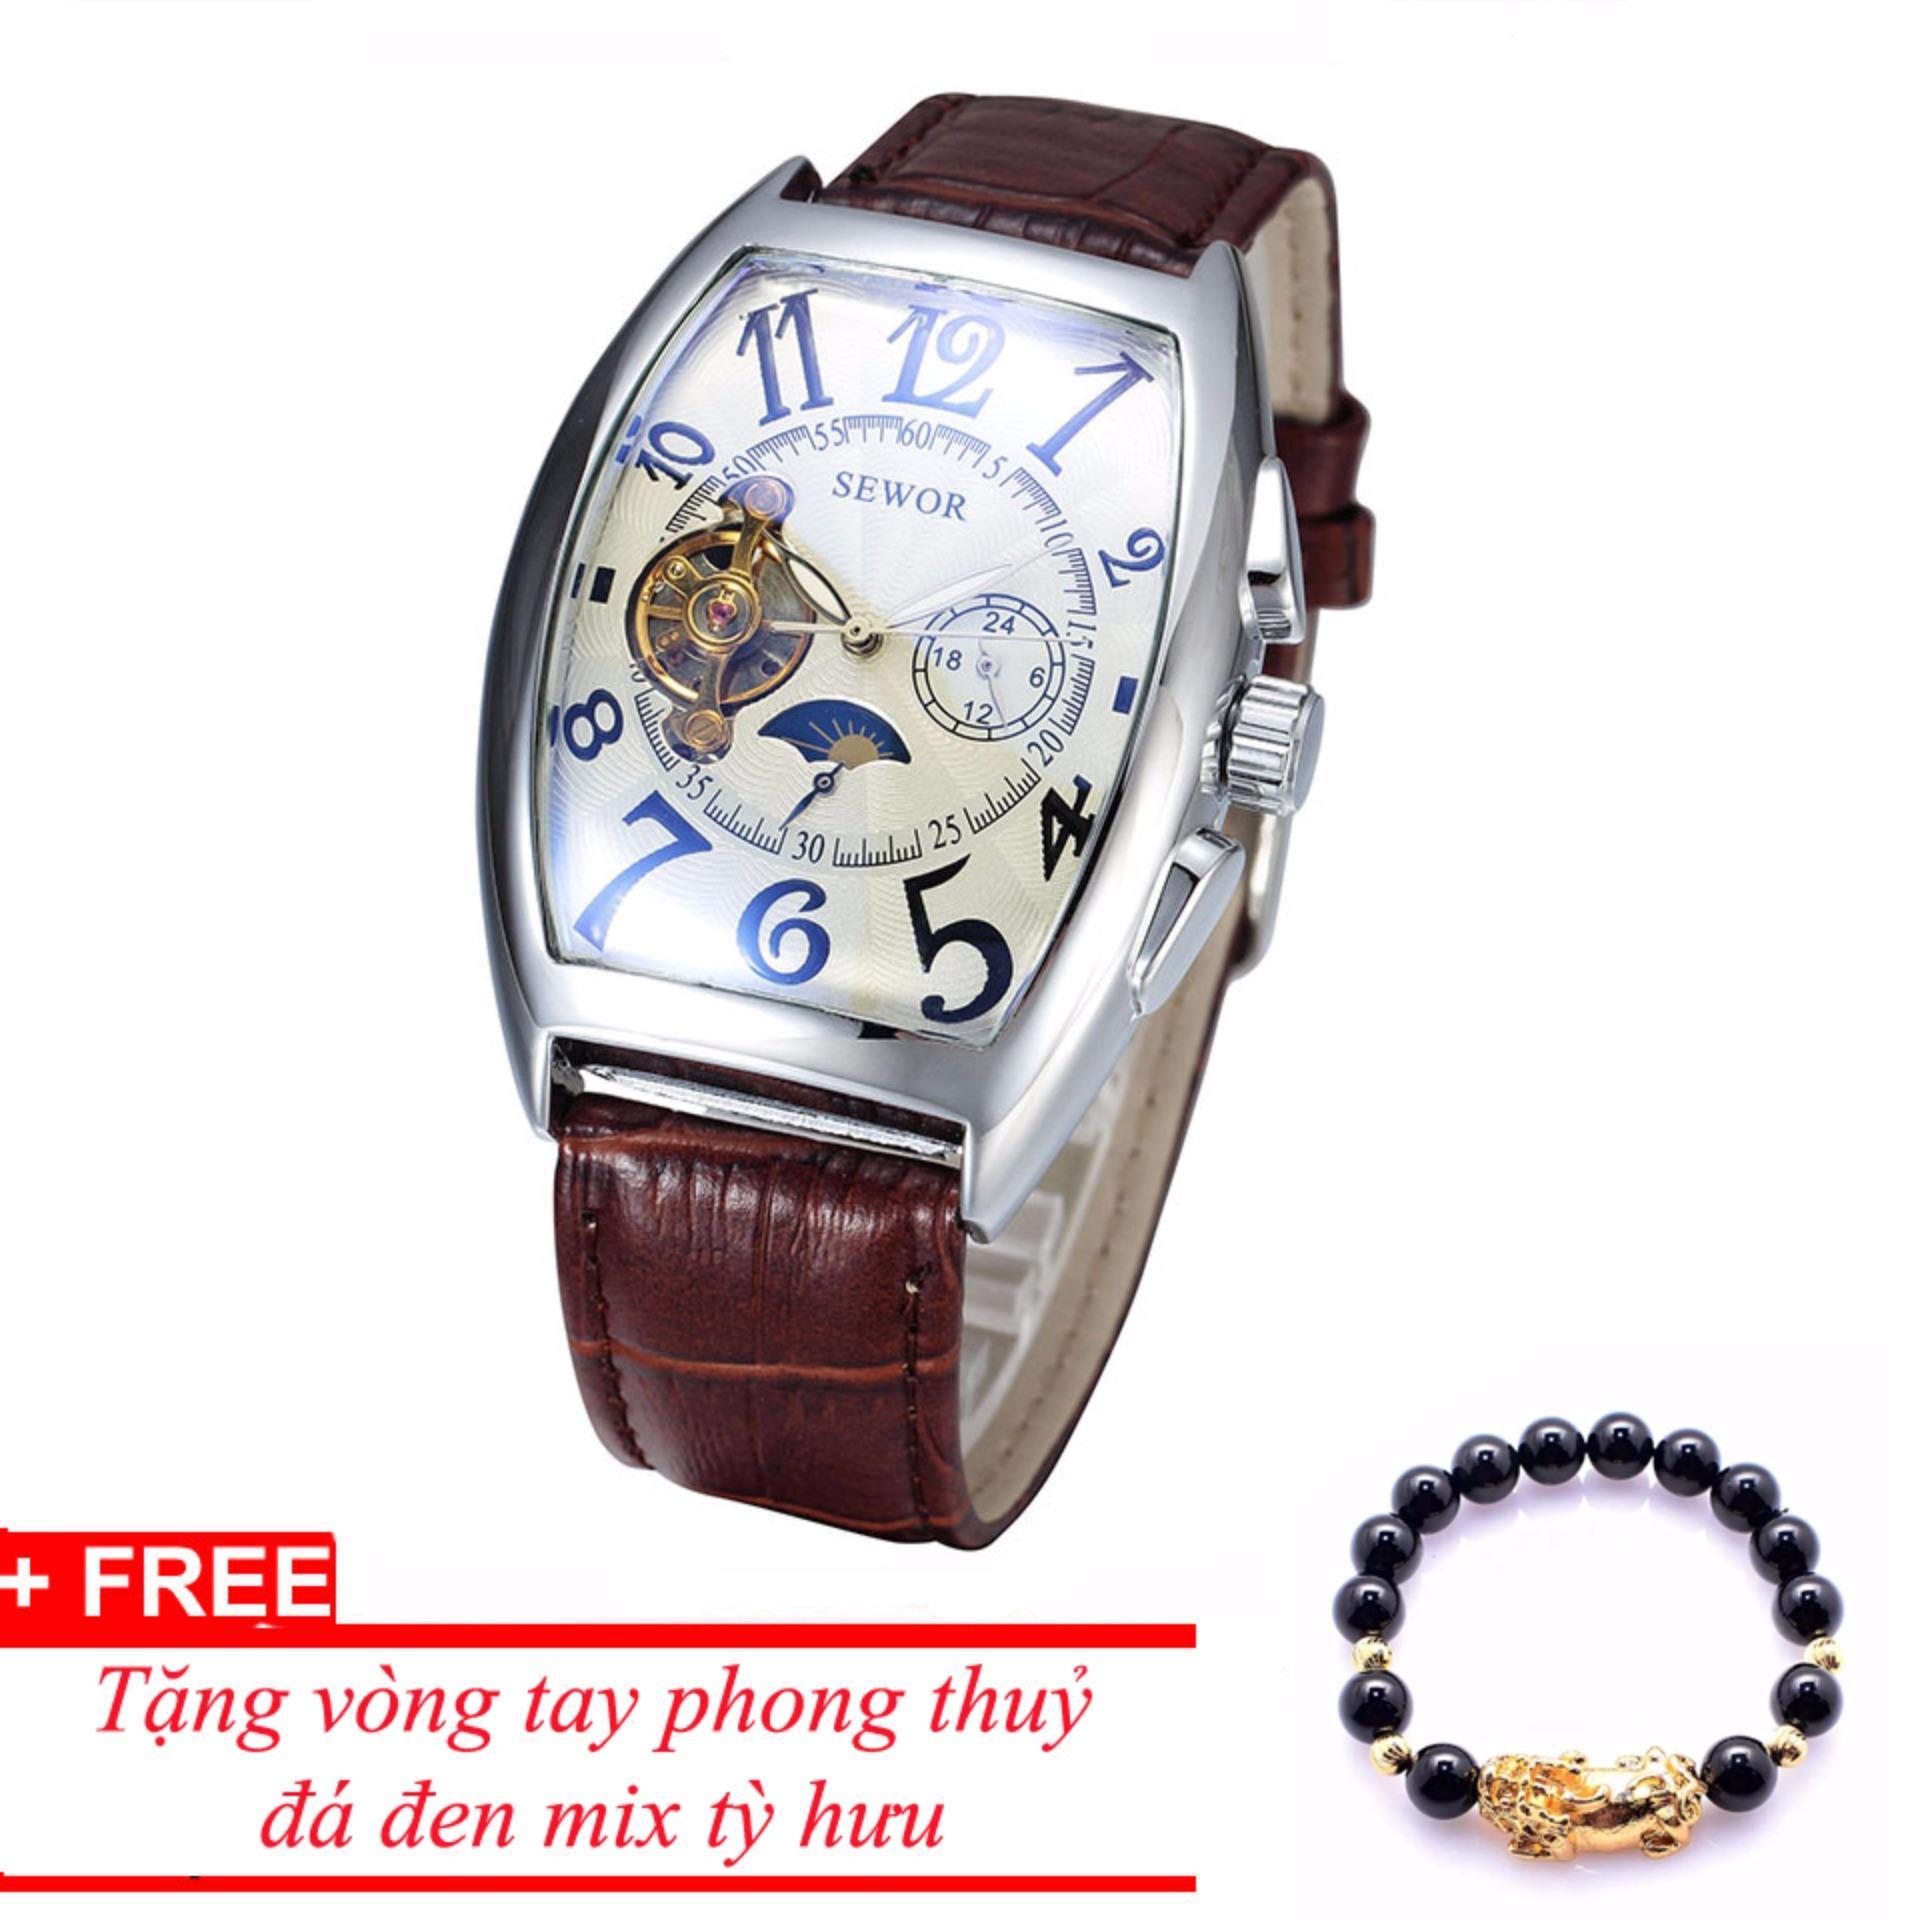 Đồng hồ cơ nam dây da SEWOR lộ máy classic TP-SE11 (trắng) – tặng vòng tay tỳ hưu đen